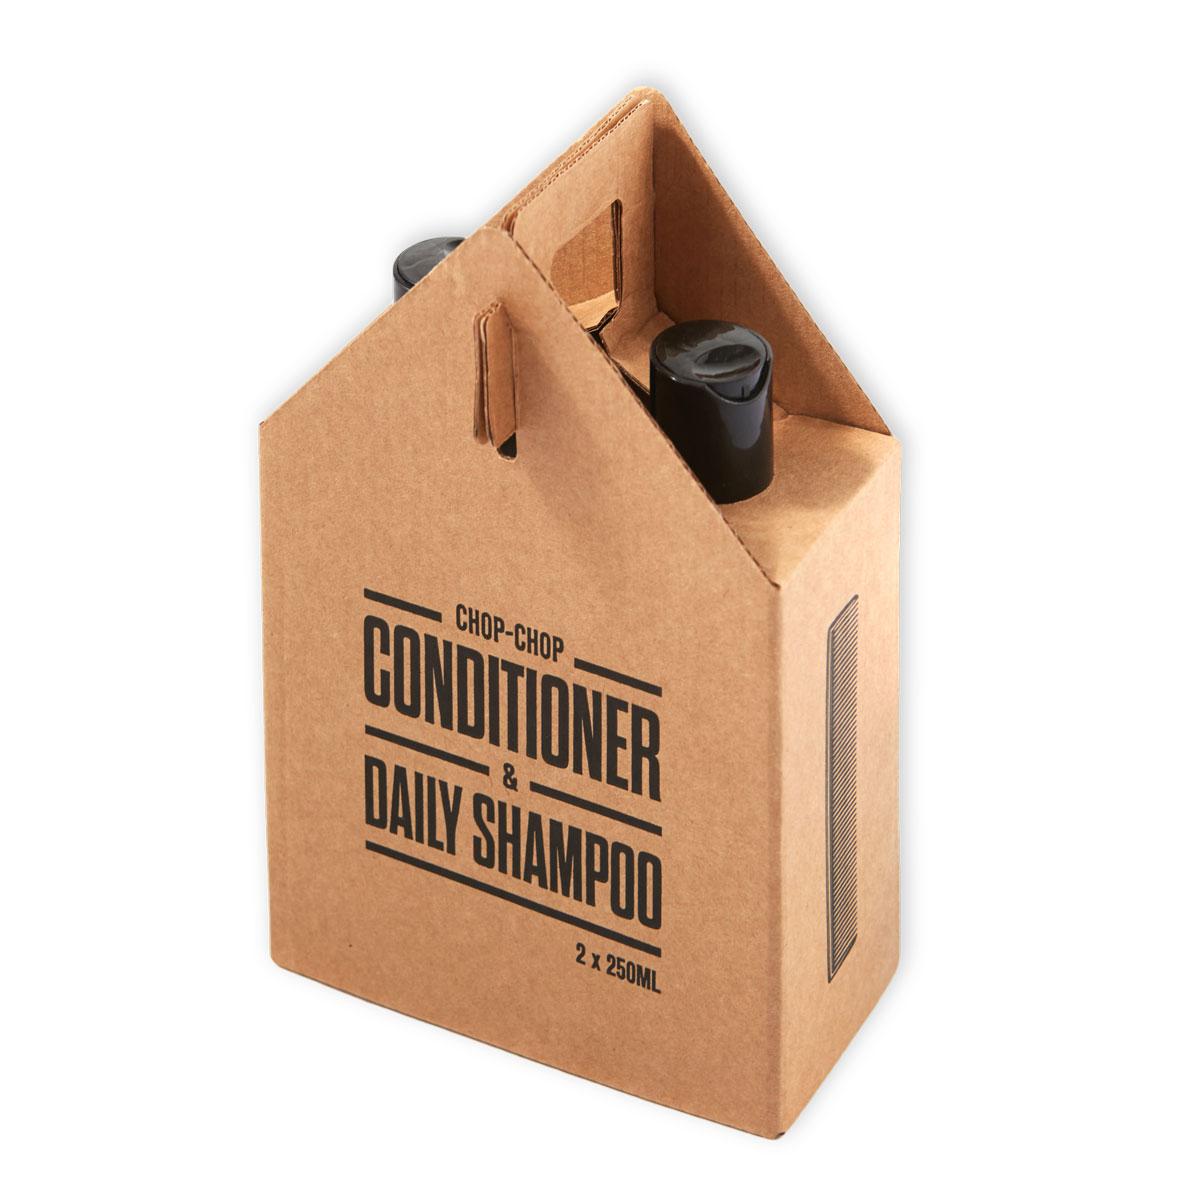 Chop-Chop Комбо набор Шампунь 250 мл и Кондиционер 250 млСHPCHP.SRPRSТот случай, когда за формулу «два-в-одном» не стыдно. Шампунь и кондиционер Chop-Chop в одном наборе, в экологической, полностью разлагаемой упаковке. Разработан при особом участии мастеров самой крупной сети парикмахерских для мужчин Chop-Chop, руки которых имели тенденцию страдать от постоянного воздействия обычных шампуней и кондиционеров. Здесь такой проблемы нет. Шампунь бережно относится к коже и волосам – питает их энергией, придает объем и облегчает расчесывание. В основе парфюмерной композиции – бергамот и лаванда. Средство для дополнительного ухода – кондиционер, смягчающий волосы и созданный, чтобы работать в паре с шампунем Chop-Chop. Обладает легким освежающим эффектом.